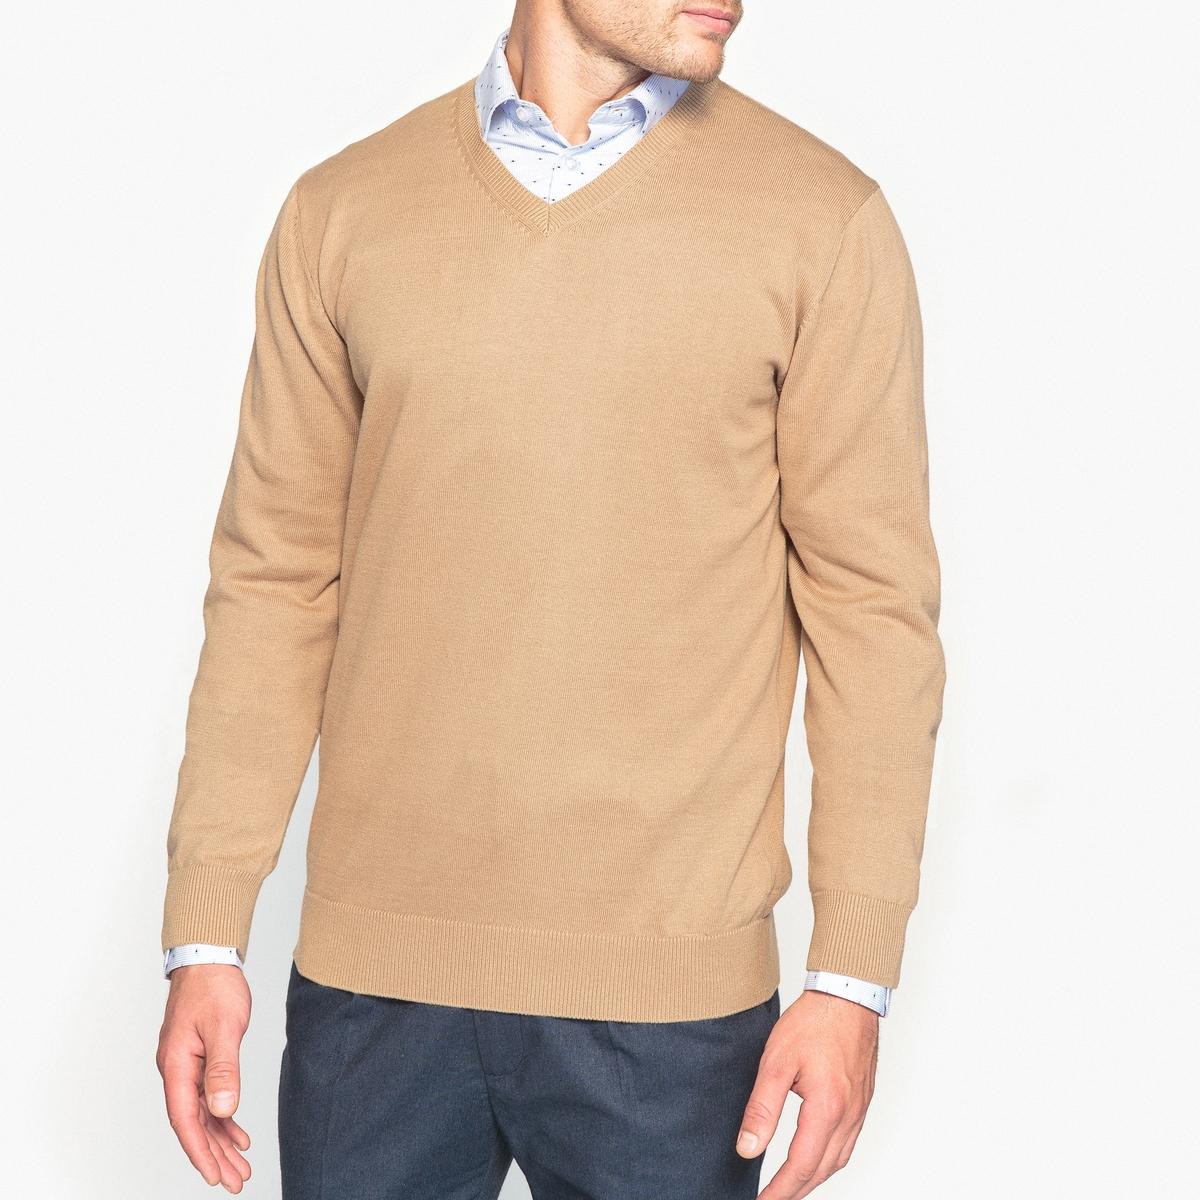 Пуловер с V-образным вырезом, 100% хлопкаПуловер с длинными рукавами. Прямой покрой, V-образный вырез. Края низа и рукавов связаны в рубчик.Состав и описание Материал : 100% хлопкаМарка : R essentiel.<br><br>Цвет: бежевый меланж,серый меланж,темно-синий меланж,черный<br>Размер: L.XL.S.M.XL.M.L.XL.M.XXL.3XL